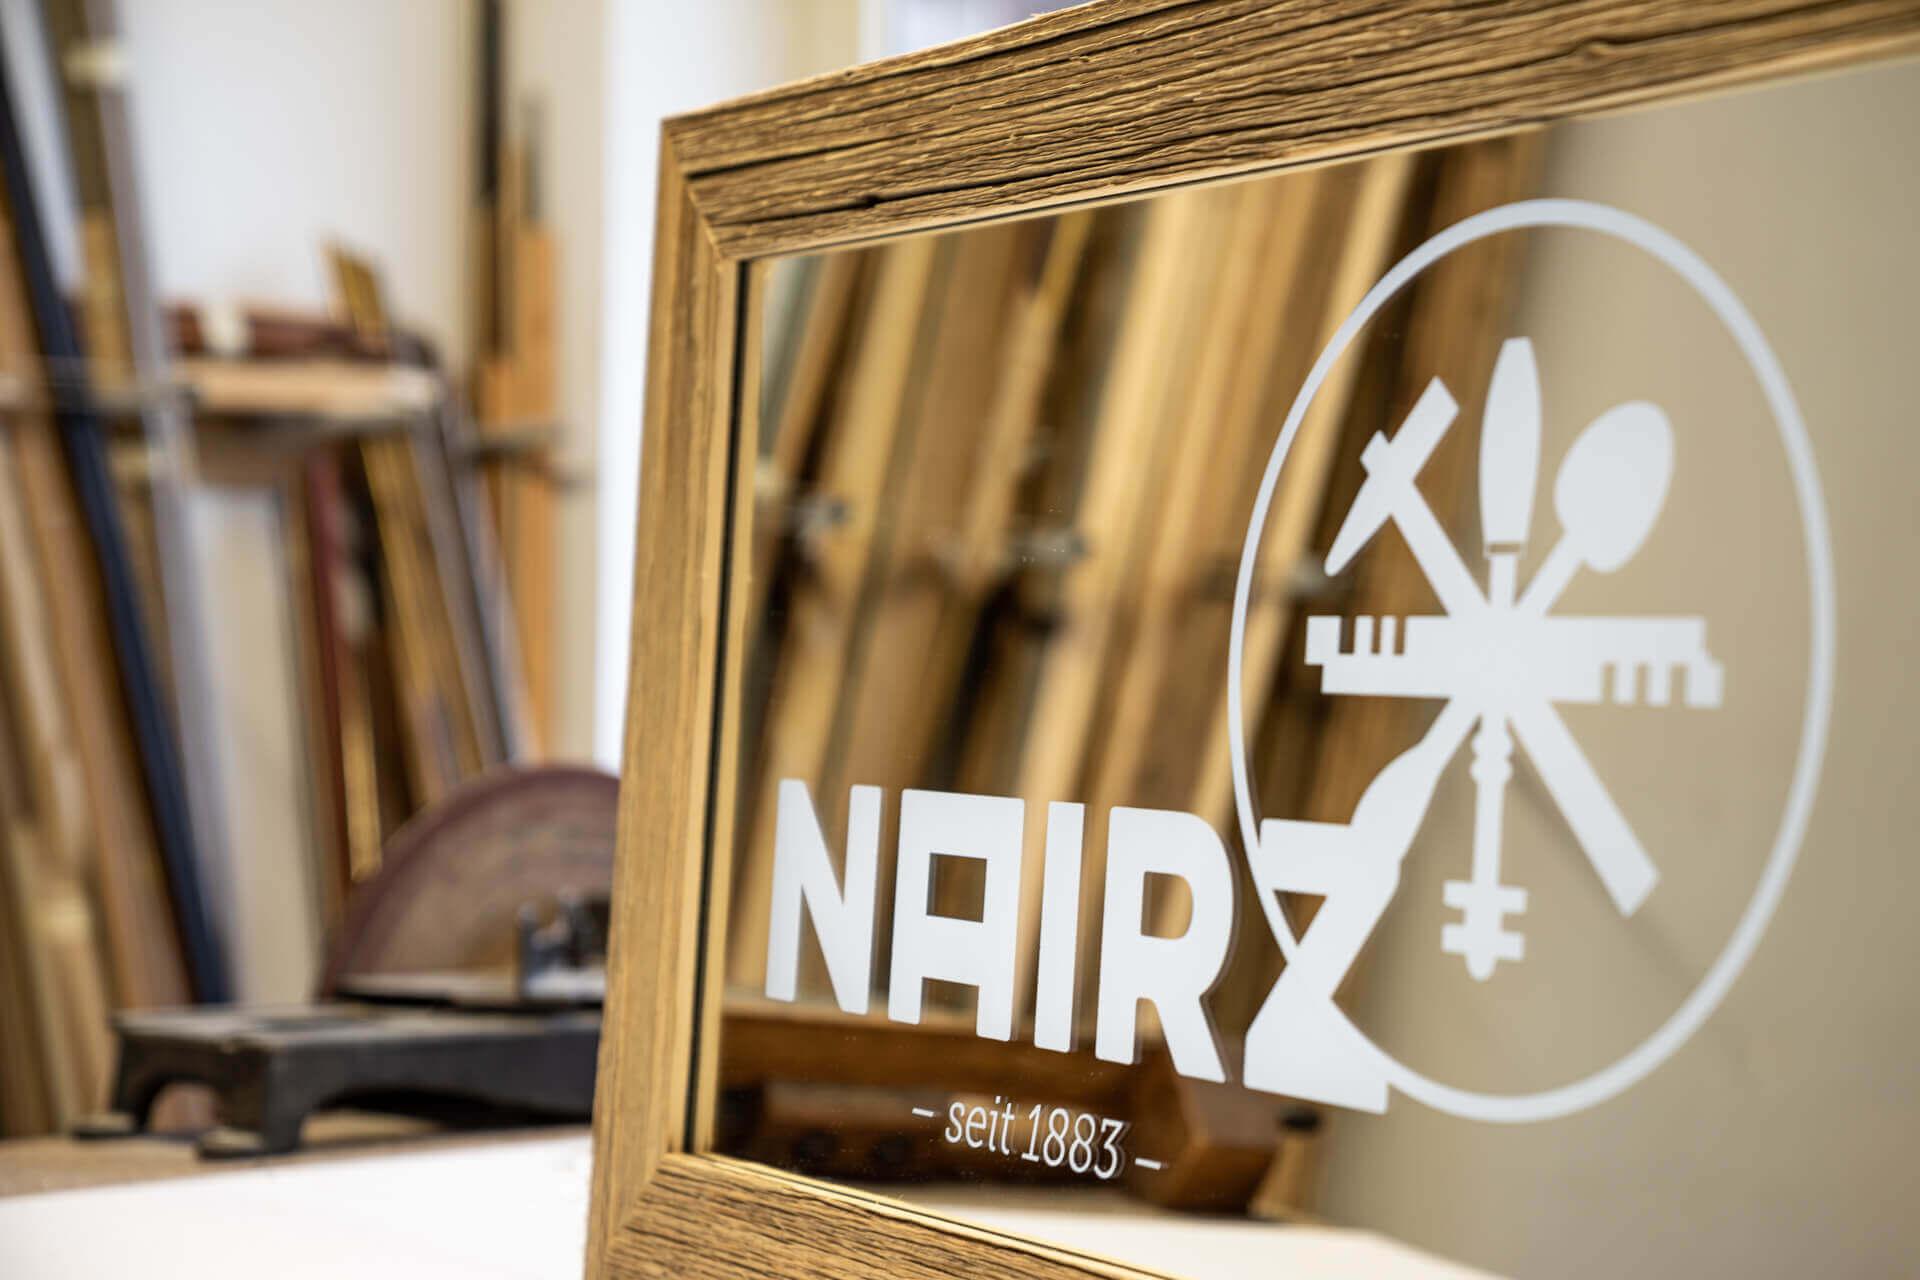 Logodruck auf Spiegel